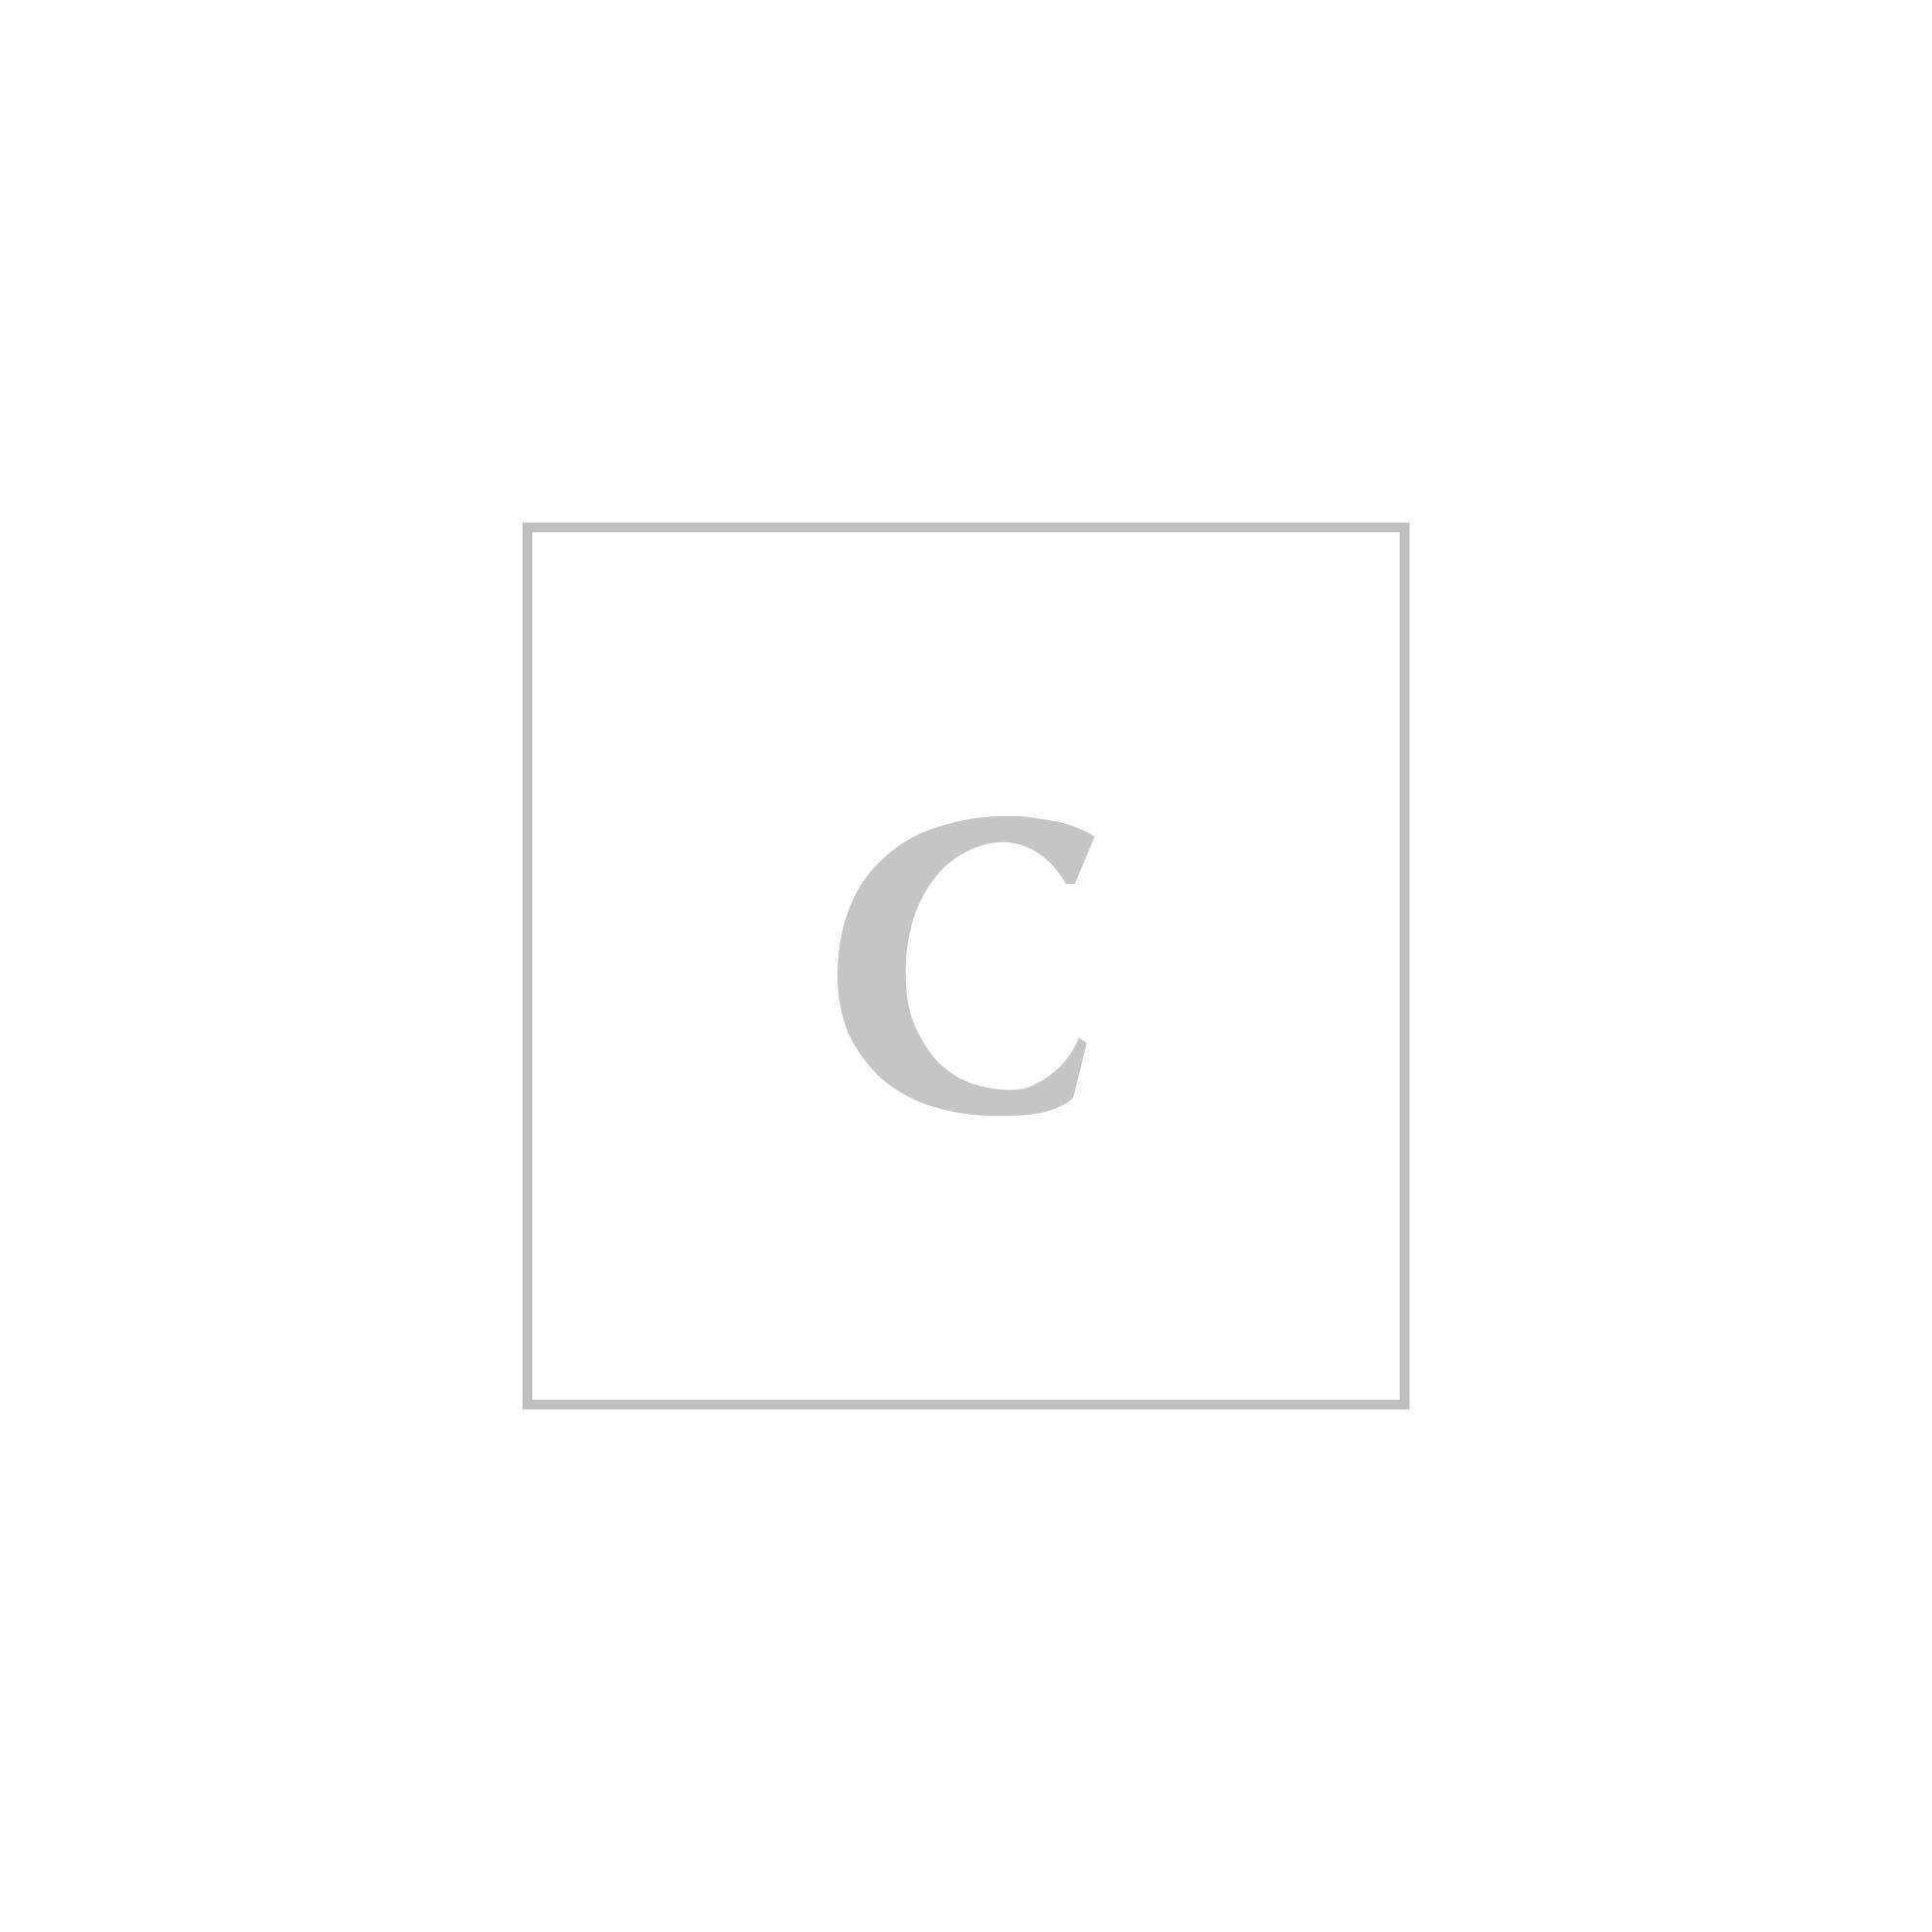 calvin klein 205w39nyc abbigliamento uomo camicia a righe